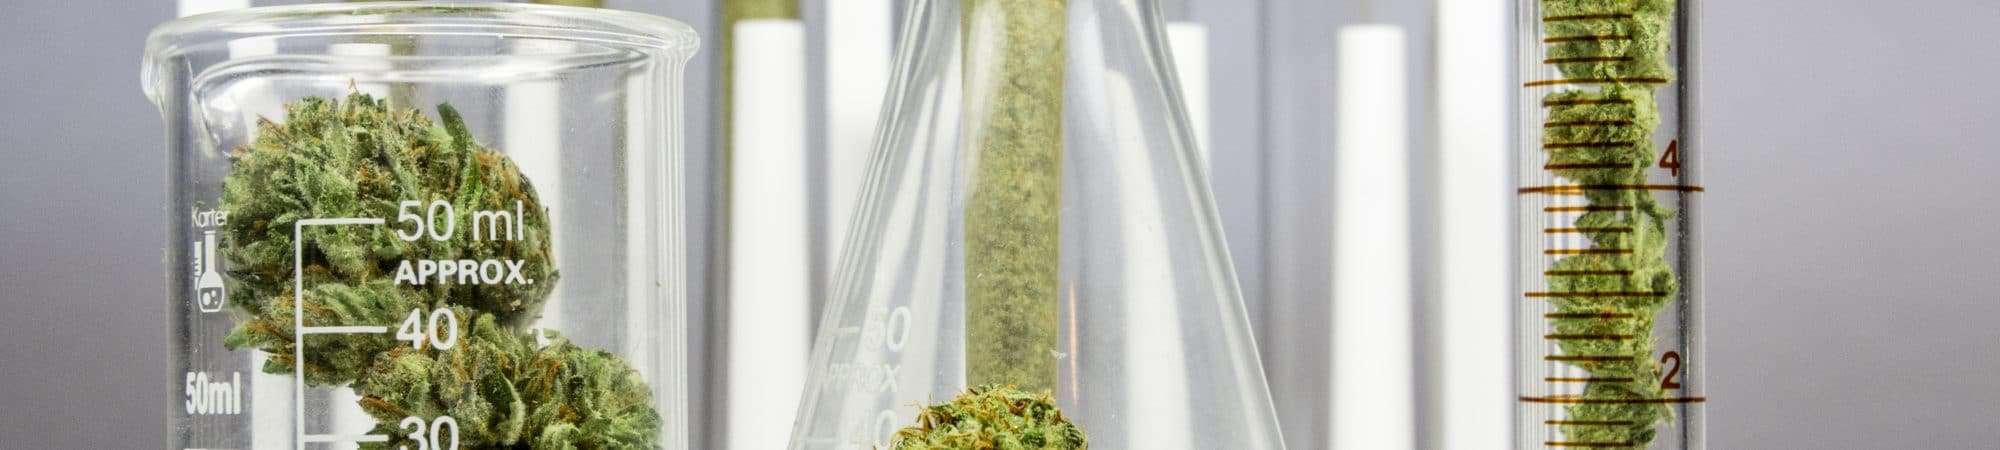 Cannabis-2000x450